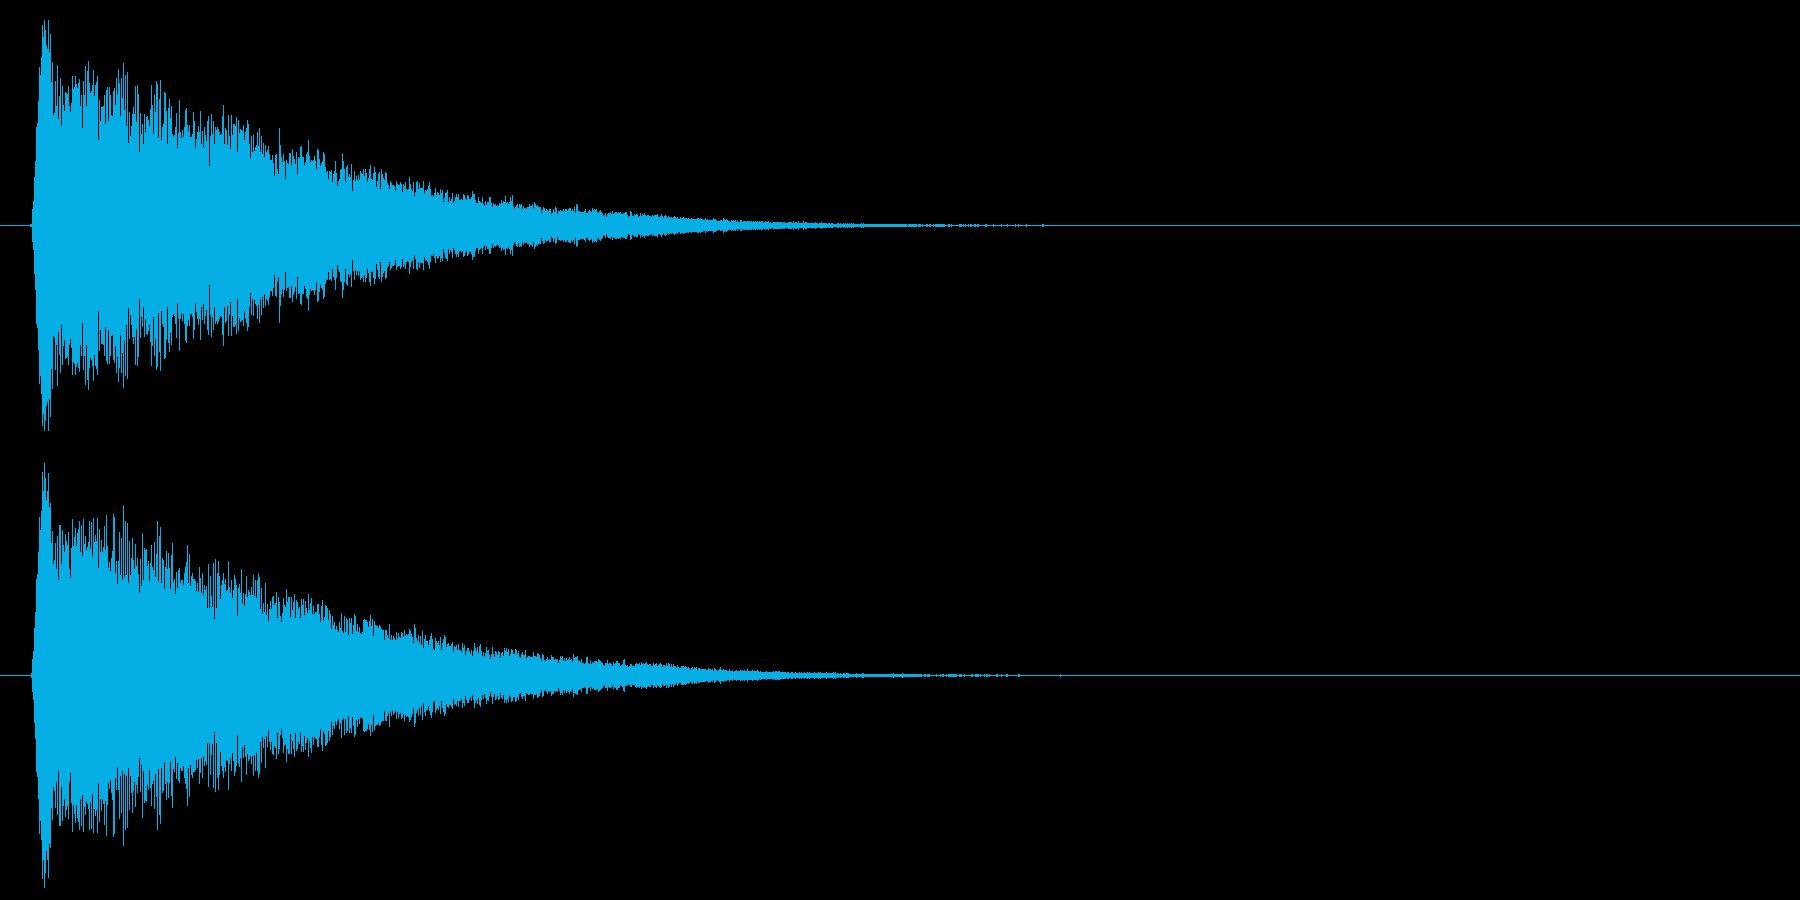 キュルルルッ↑(上昇、回復、キラキラ)の再生済みの波形